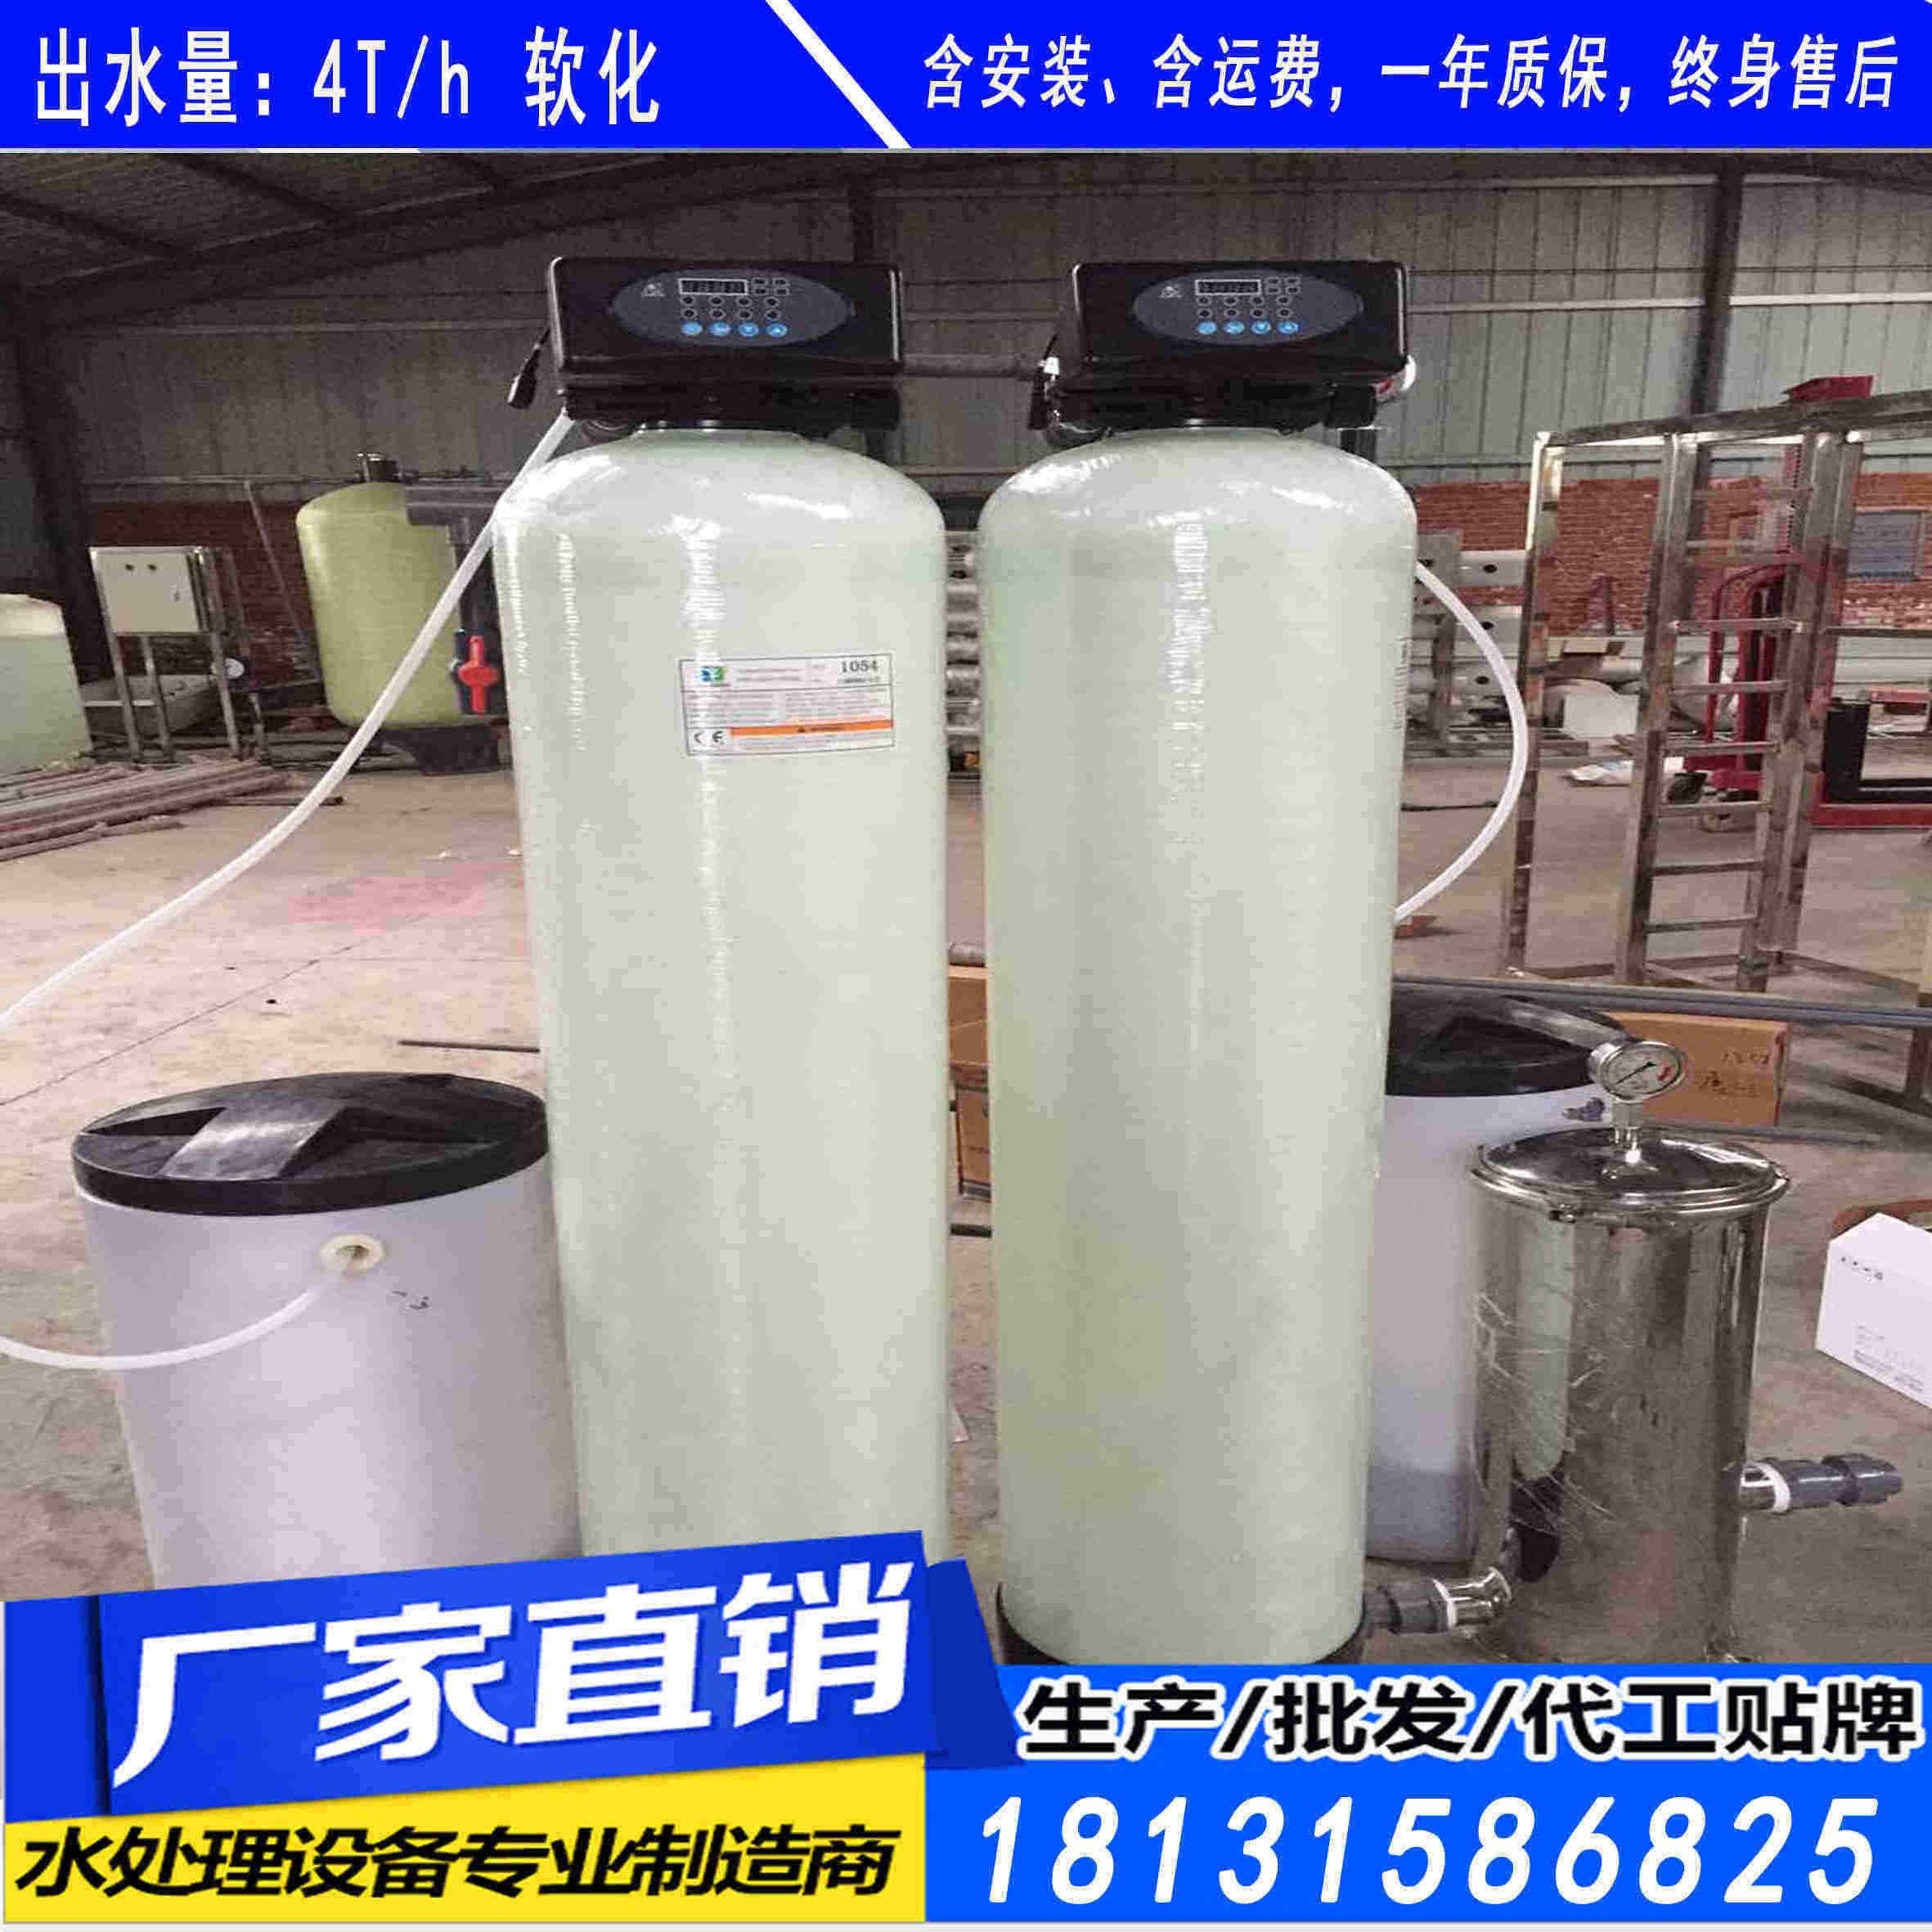 唐山玉田纯净水设备的价格